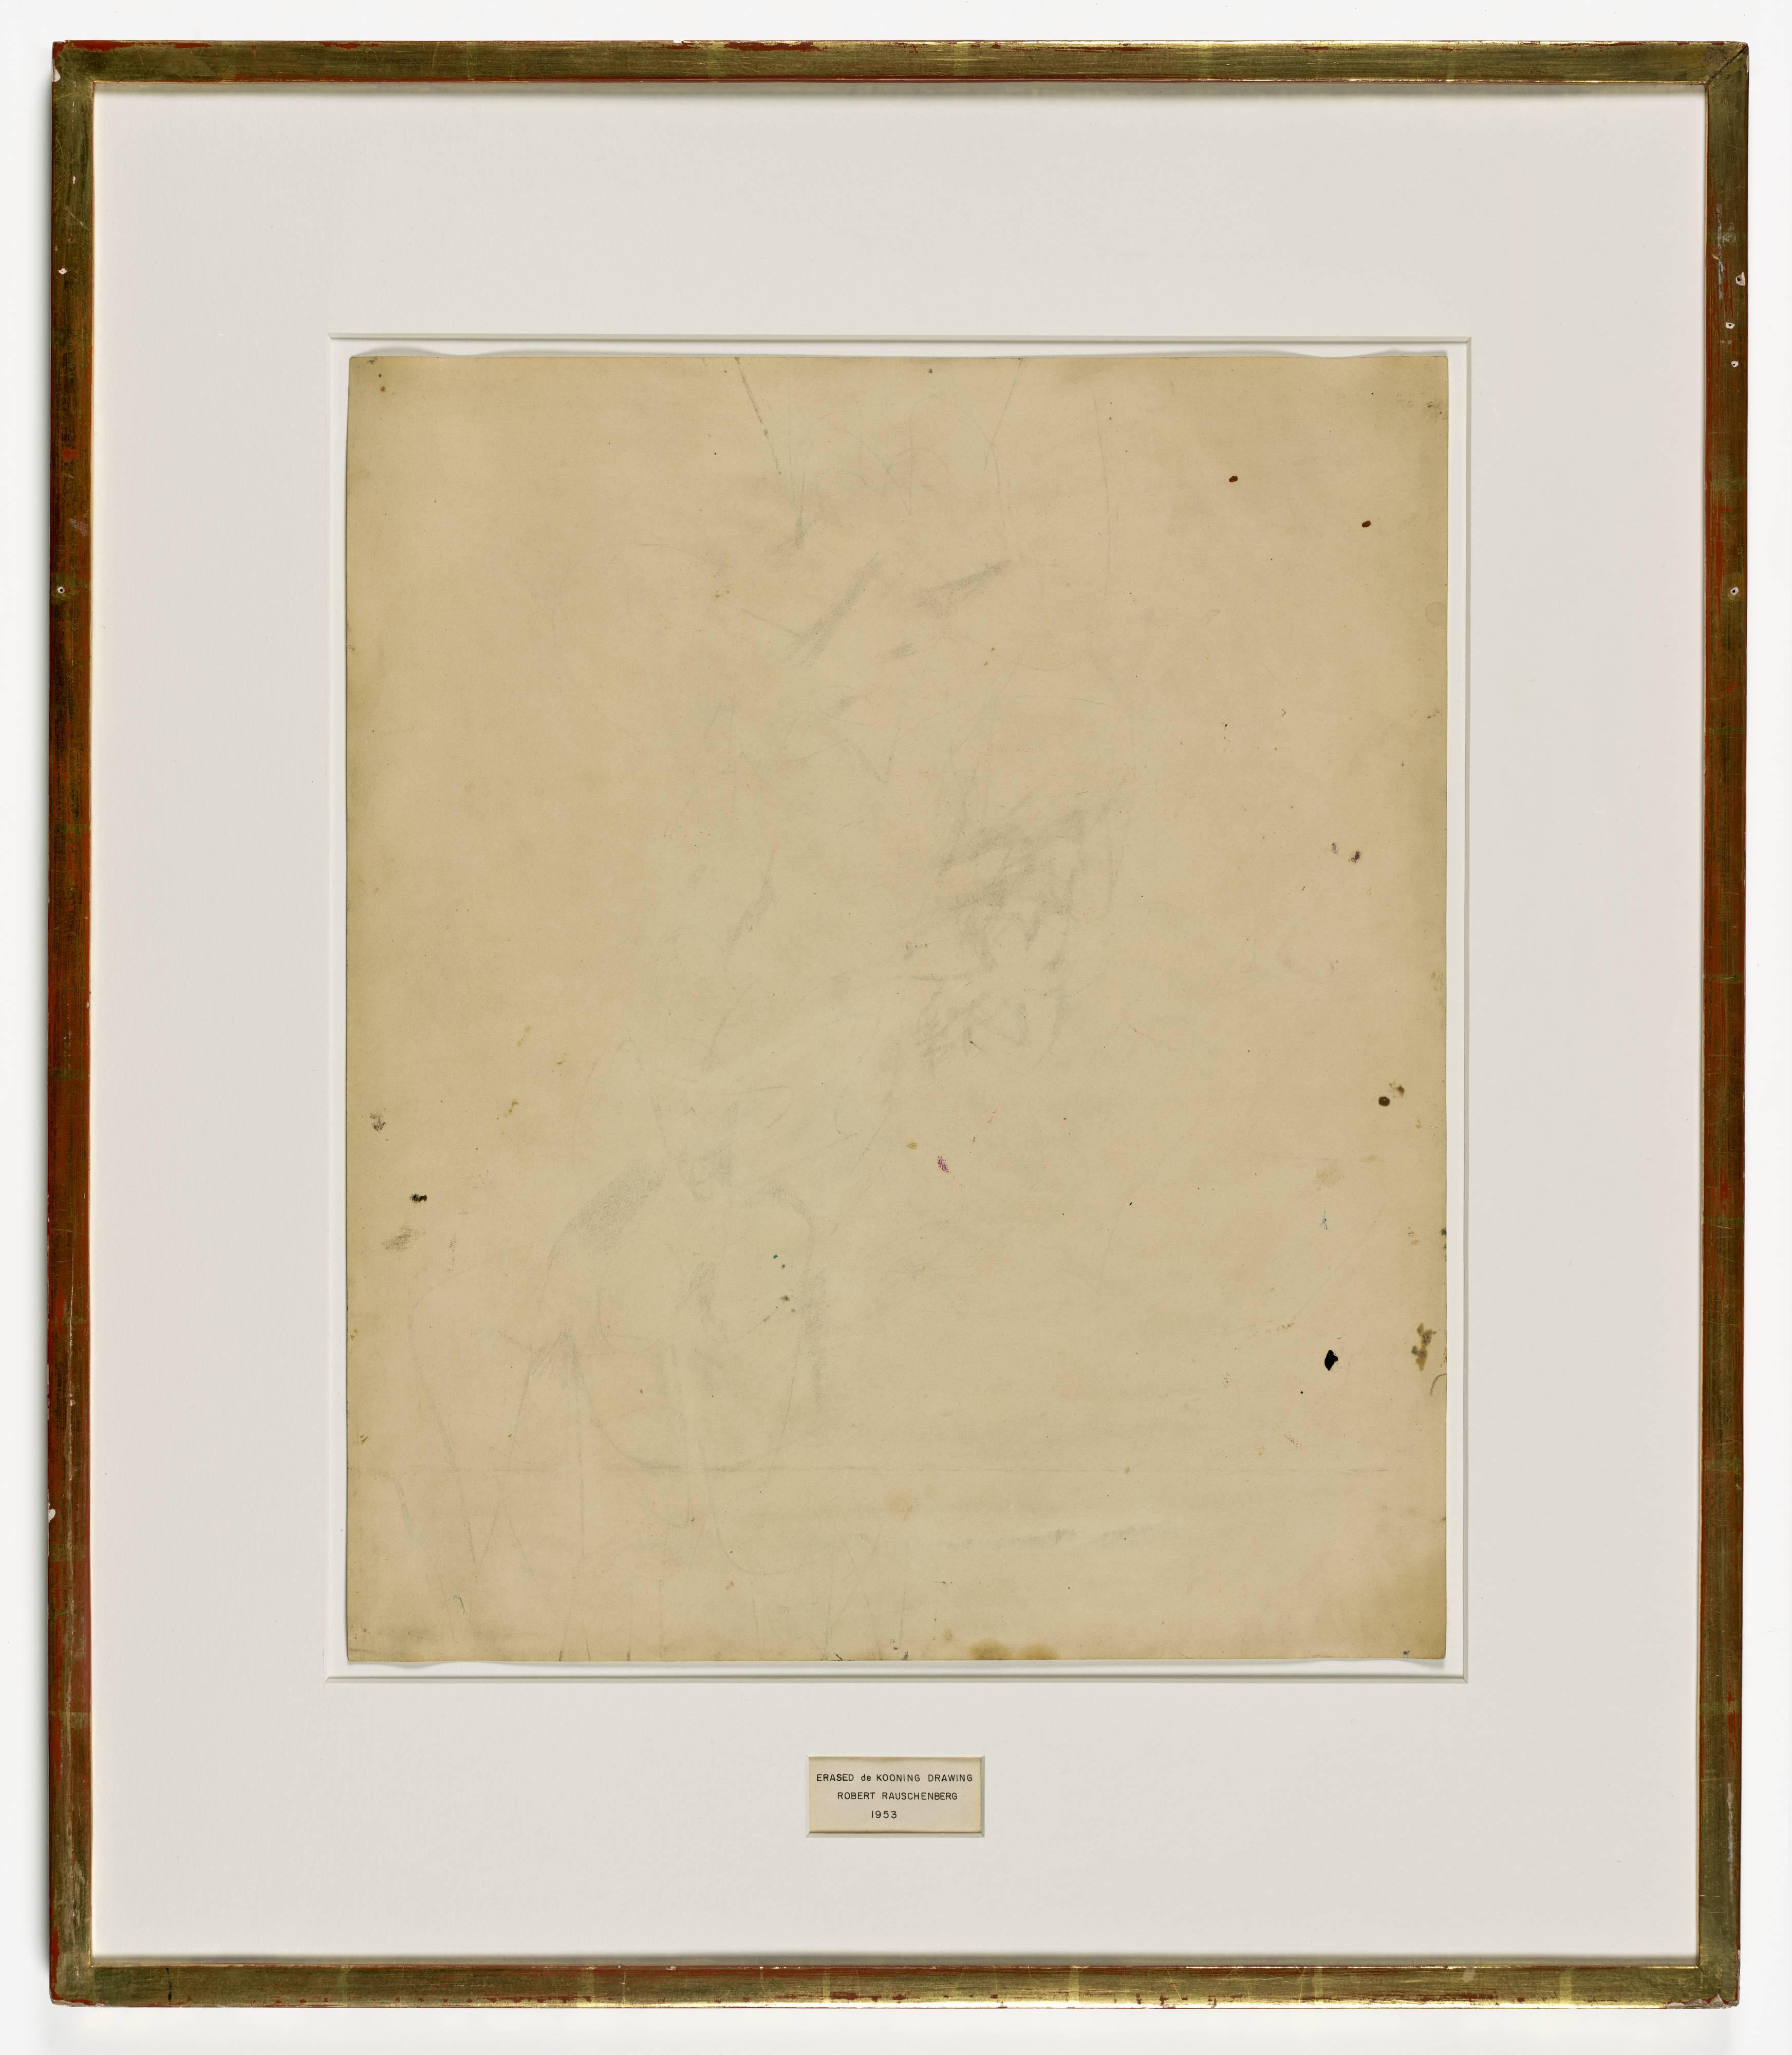 3488x4000 Robert Rauschenberg, Erased De Kooning Drawing, Sfmoma